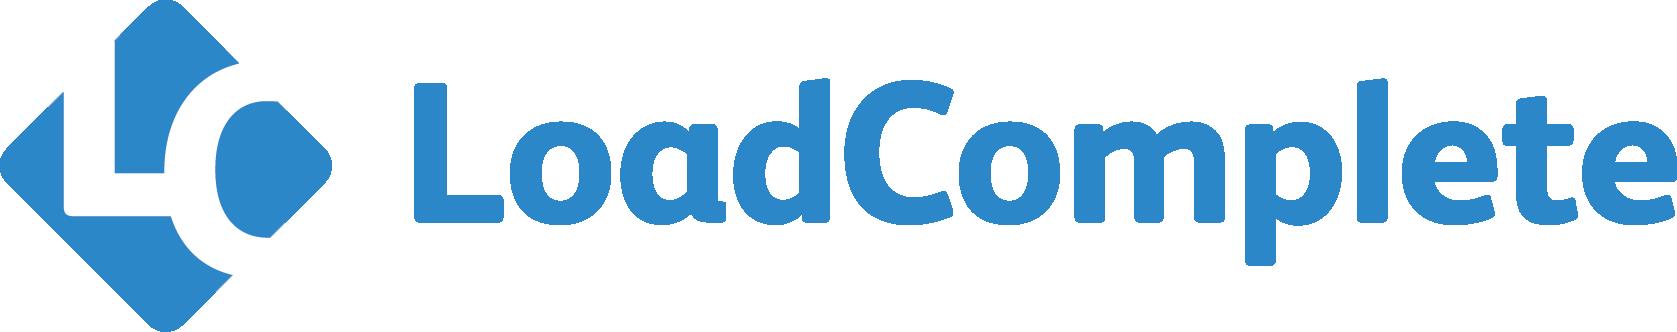 LoadComplete Tool